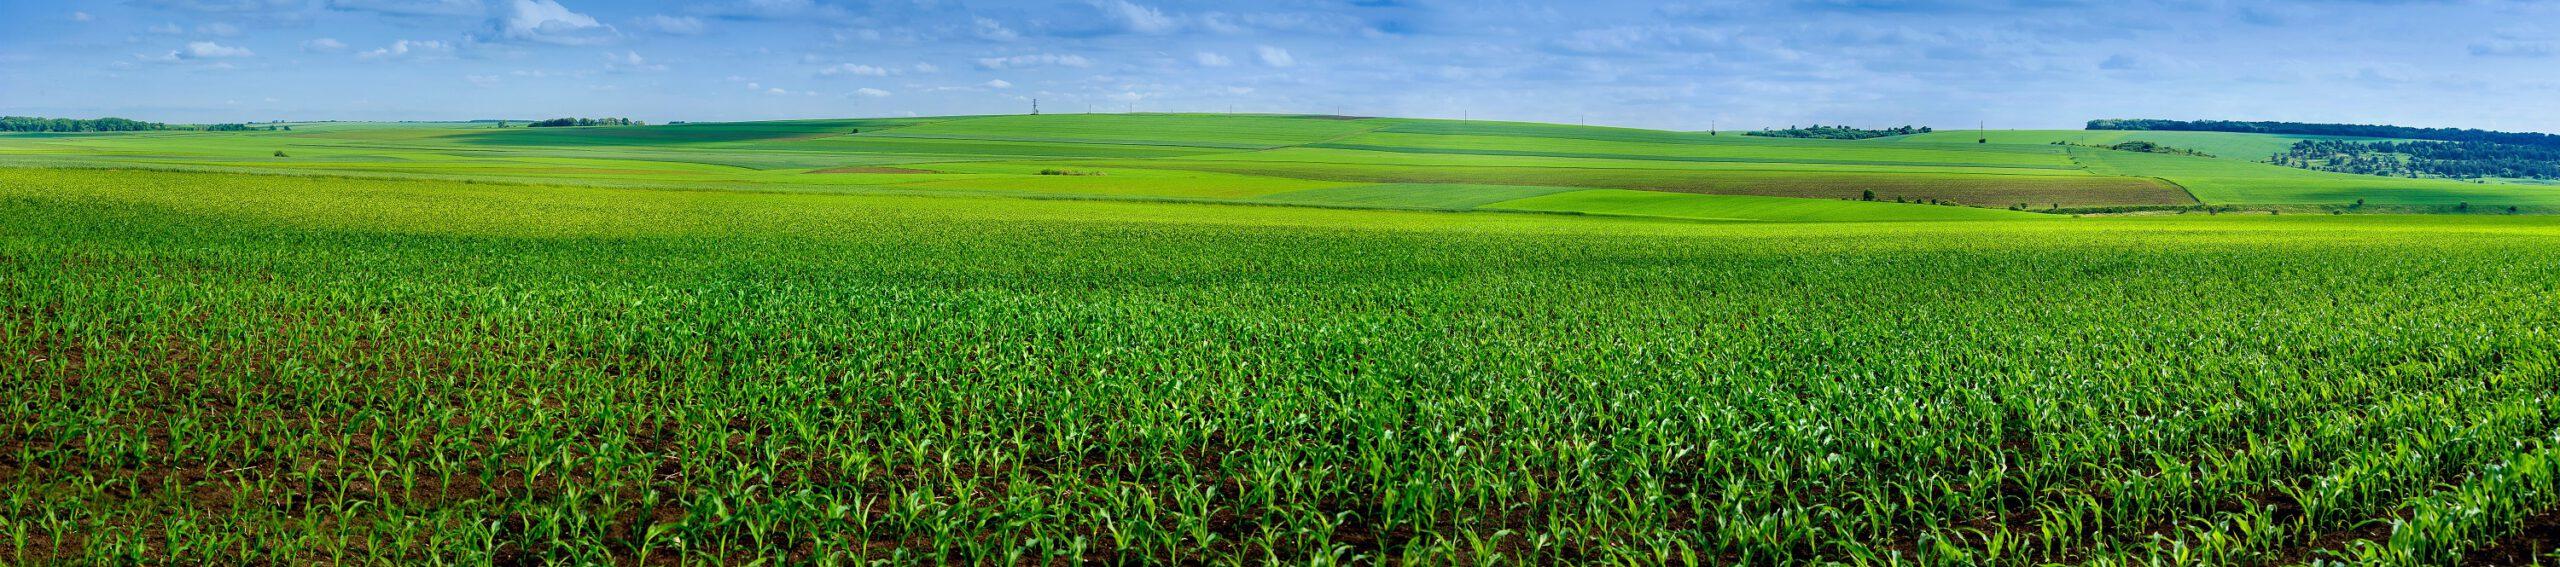 """Biogasanlagen – das Label """"Bio"""" ist meist falsch!"""